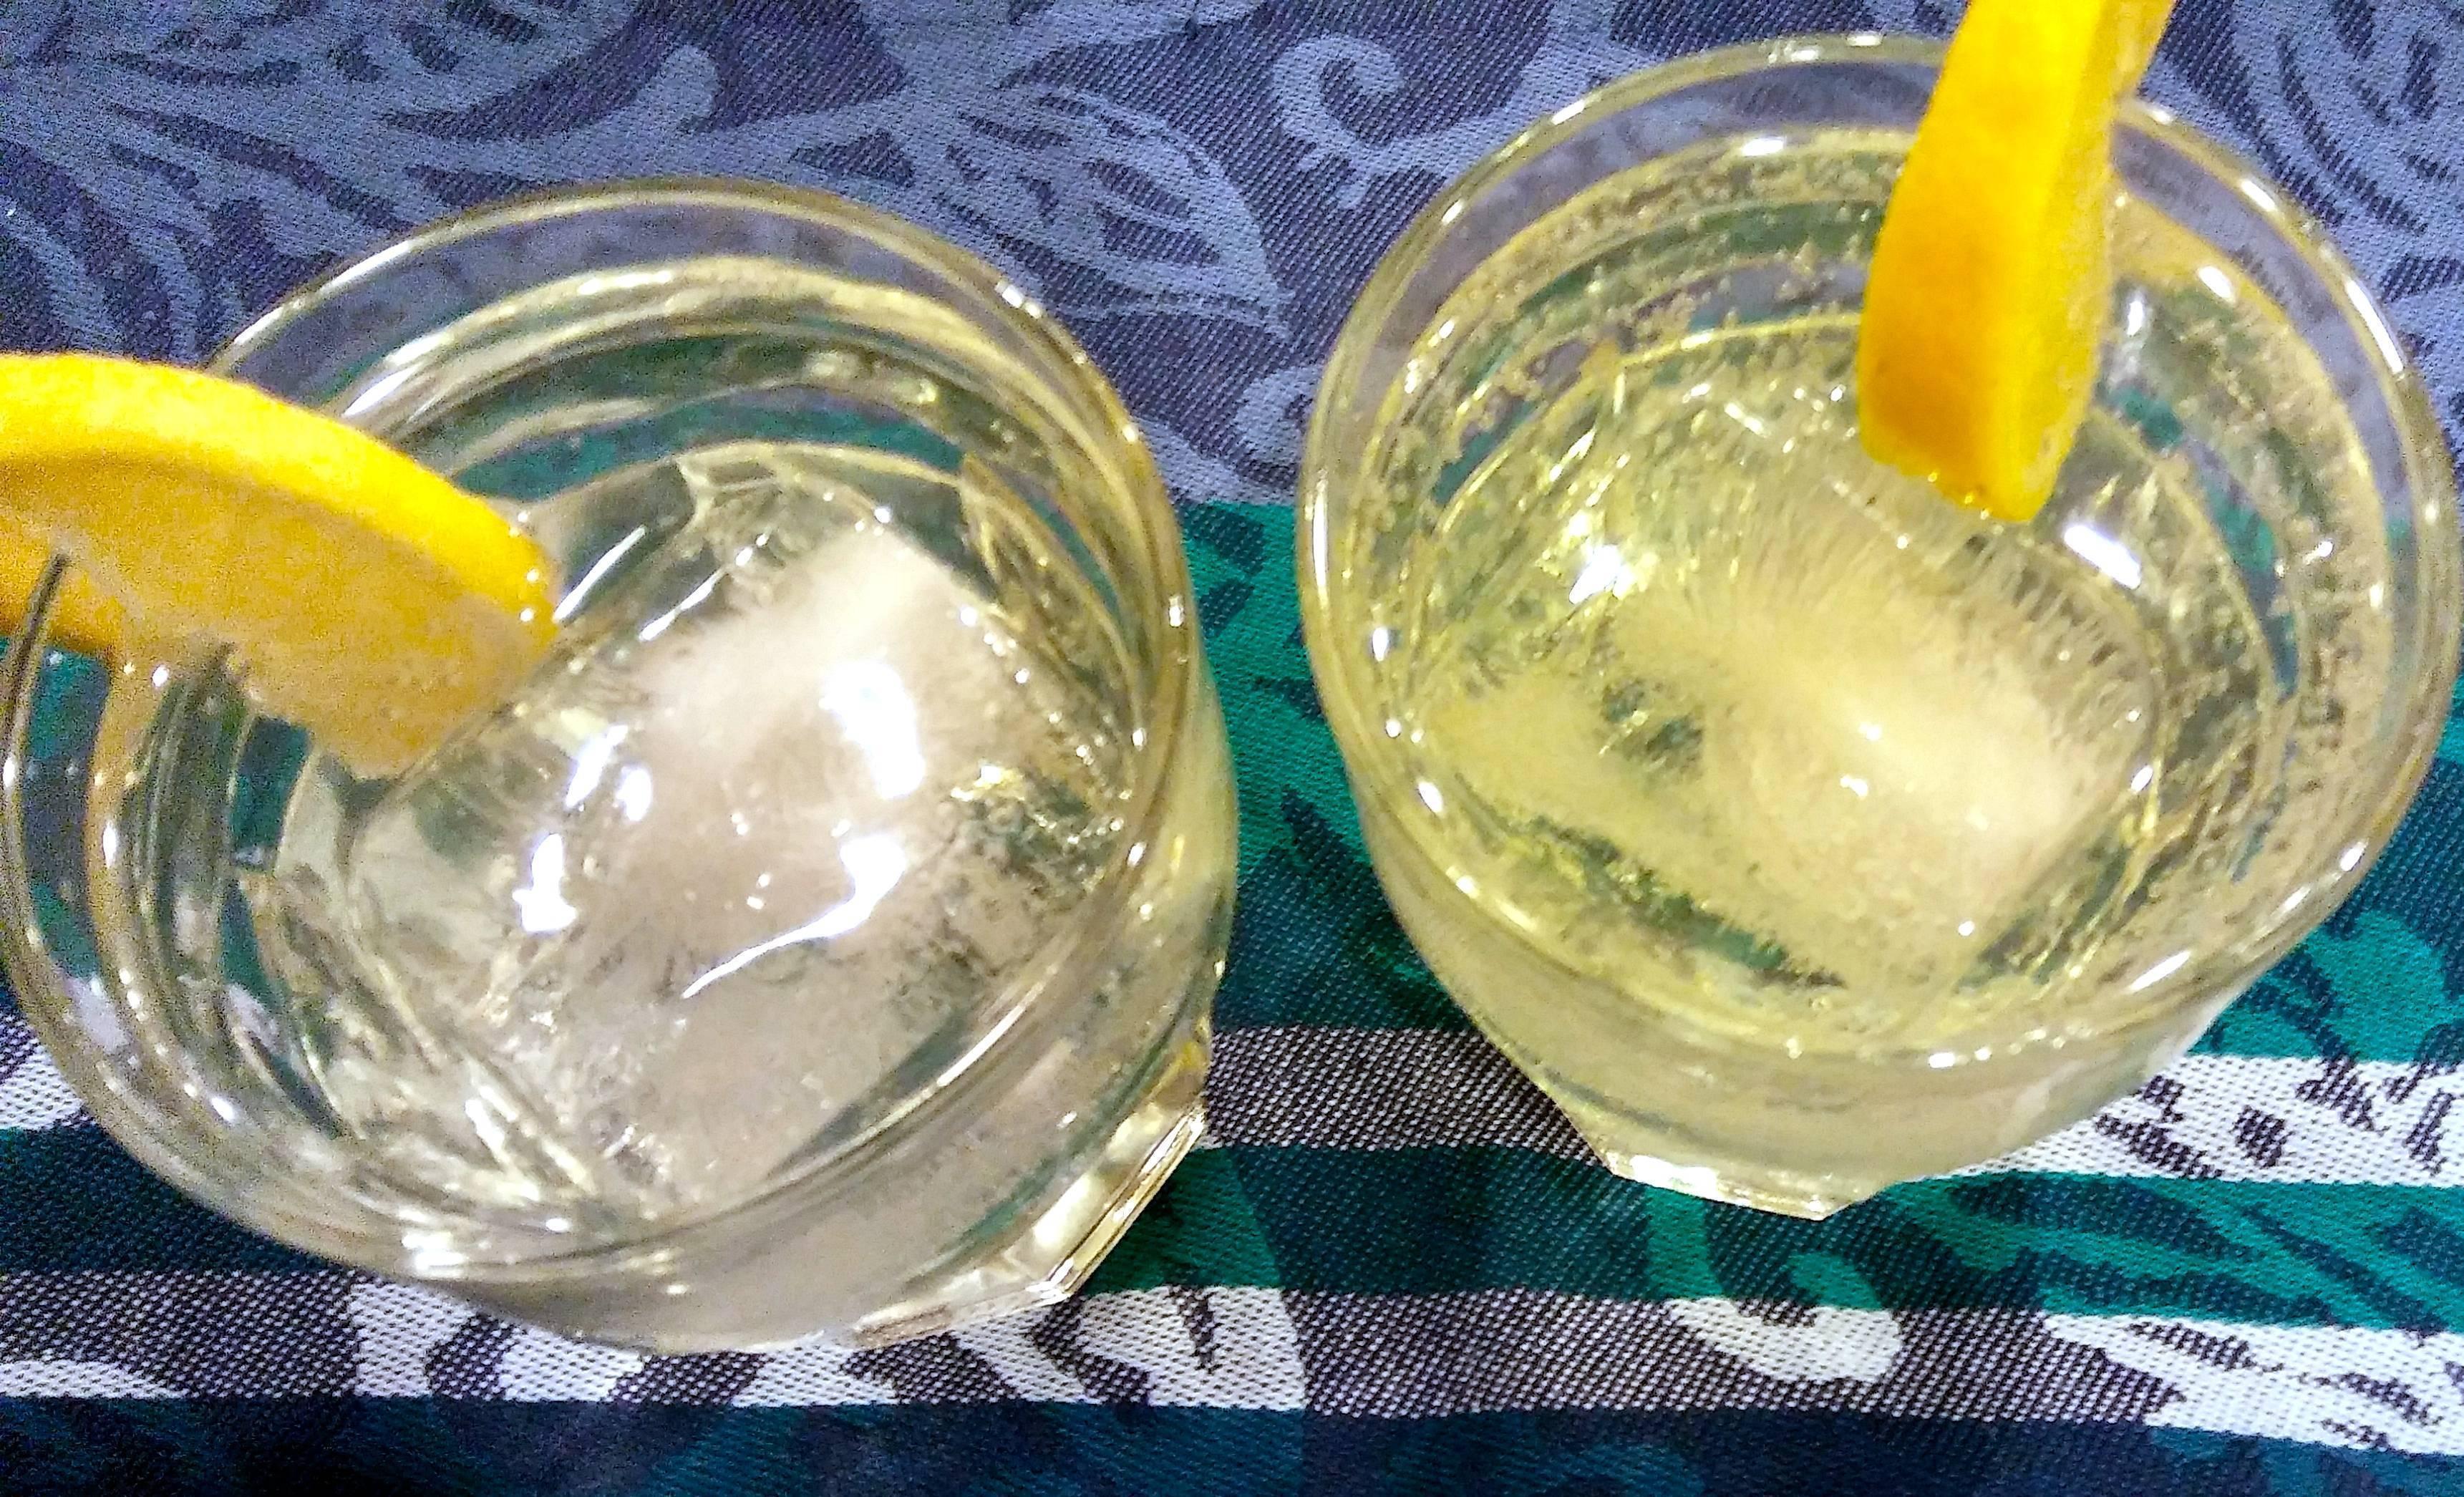 Коктейль северное сияние рецепт — история алкоголя